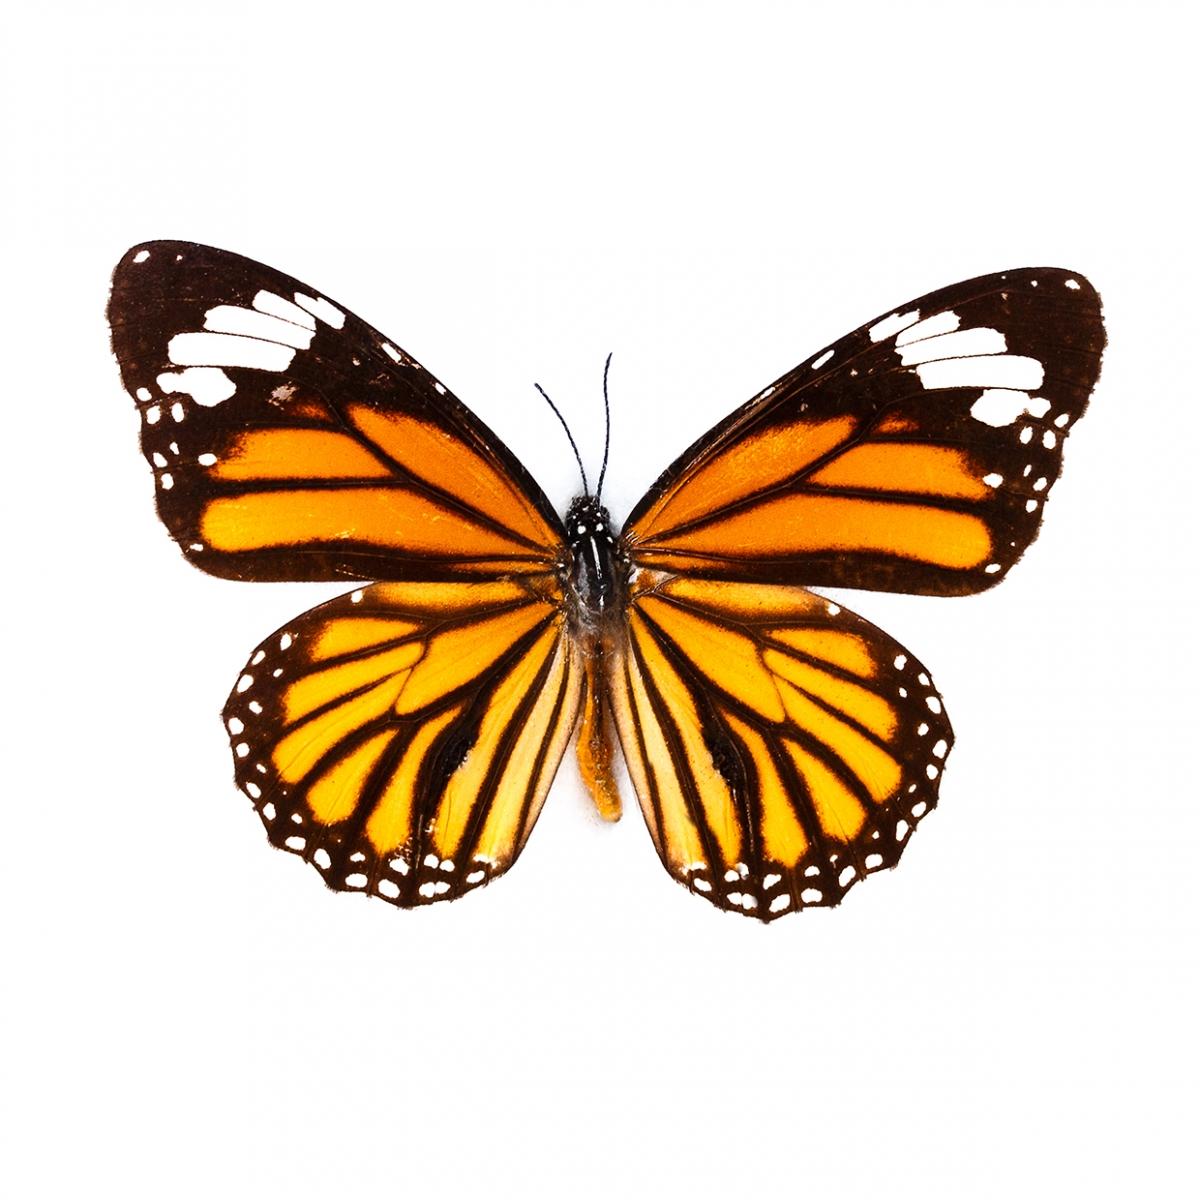 Imagen en la que se ve en perspectiva cenital una mariposa con las alas desplegadas